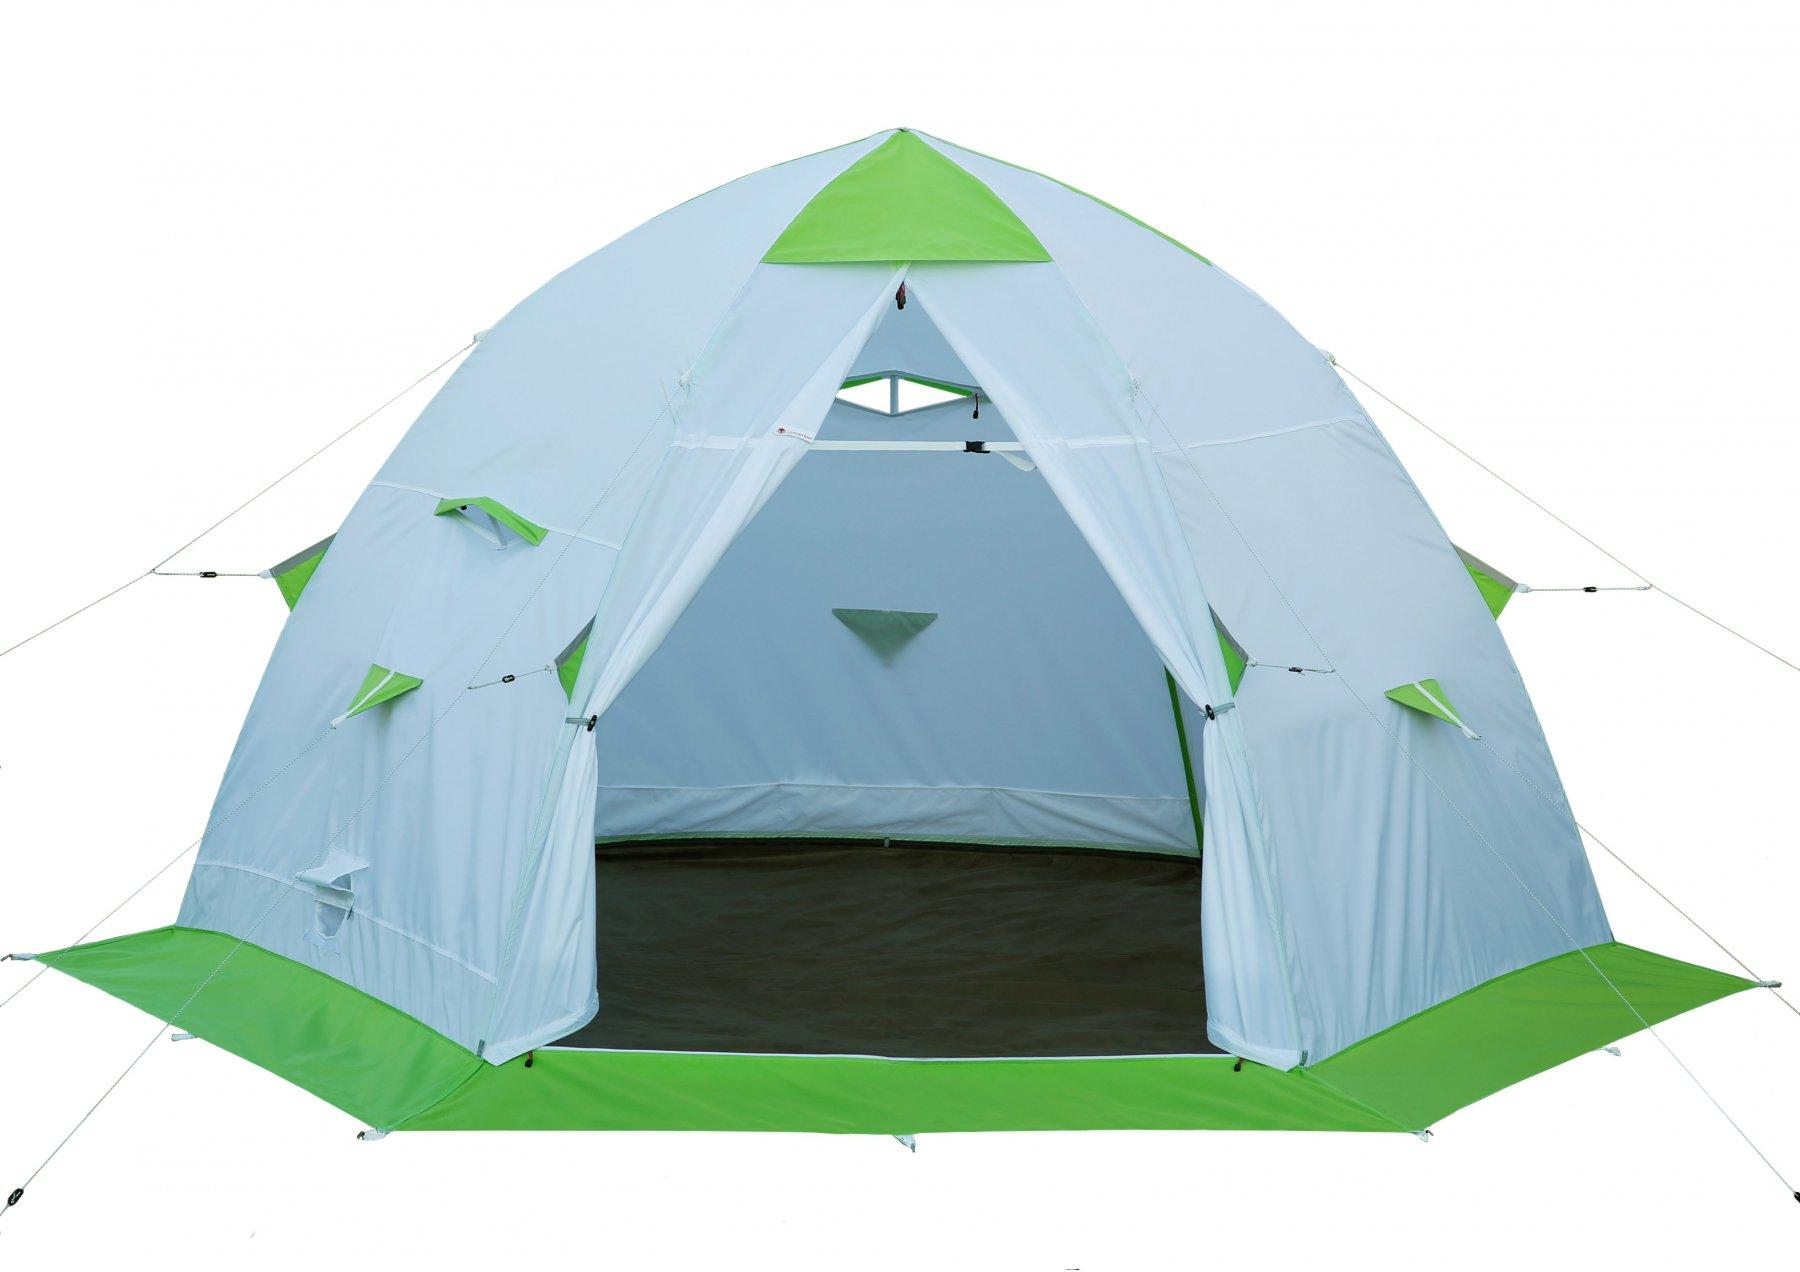 Зимняя палатка Лотос 5С (пол ПУ4000) укомплектована каркасом Л5-С12 (стеклокомпозитная арматура 12 мм), системой крепления пола и съемным влагозащитным полом ПУ4000 (+ Дарим комплект ввертышей для палаки.)